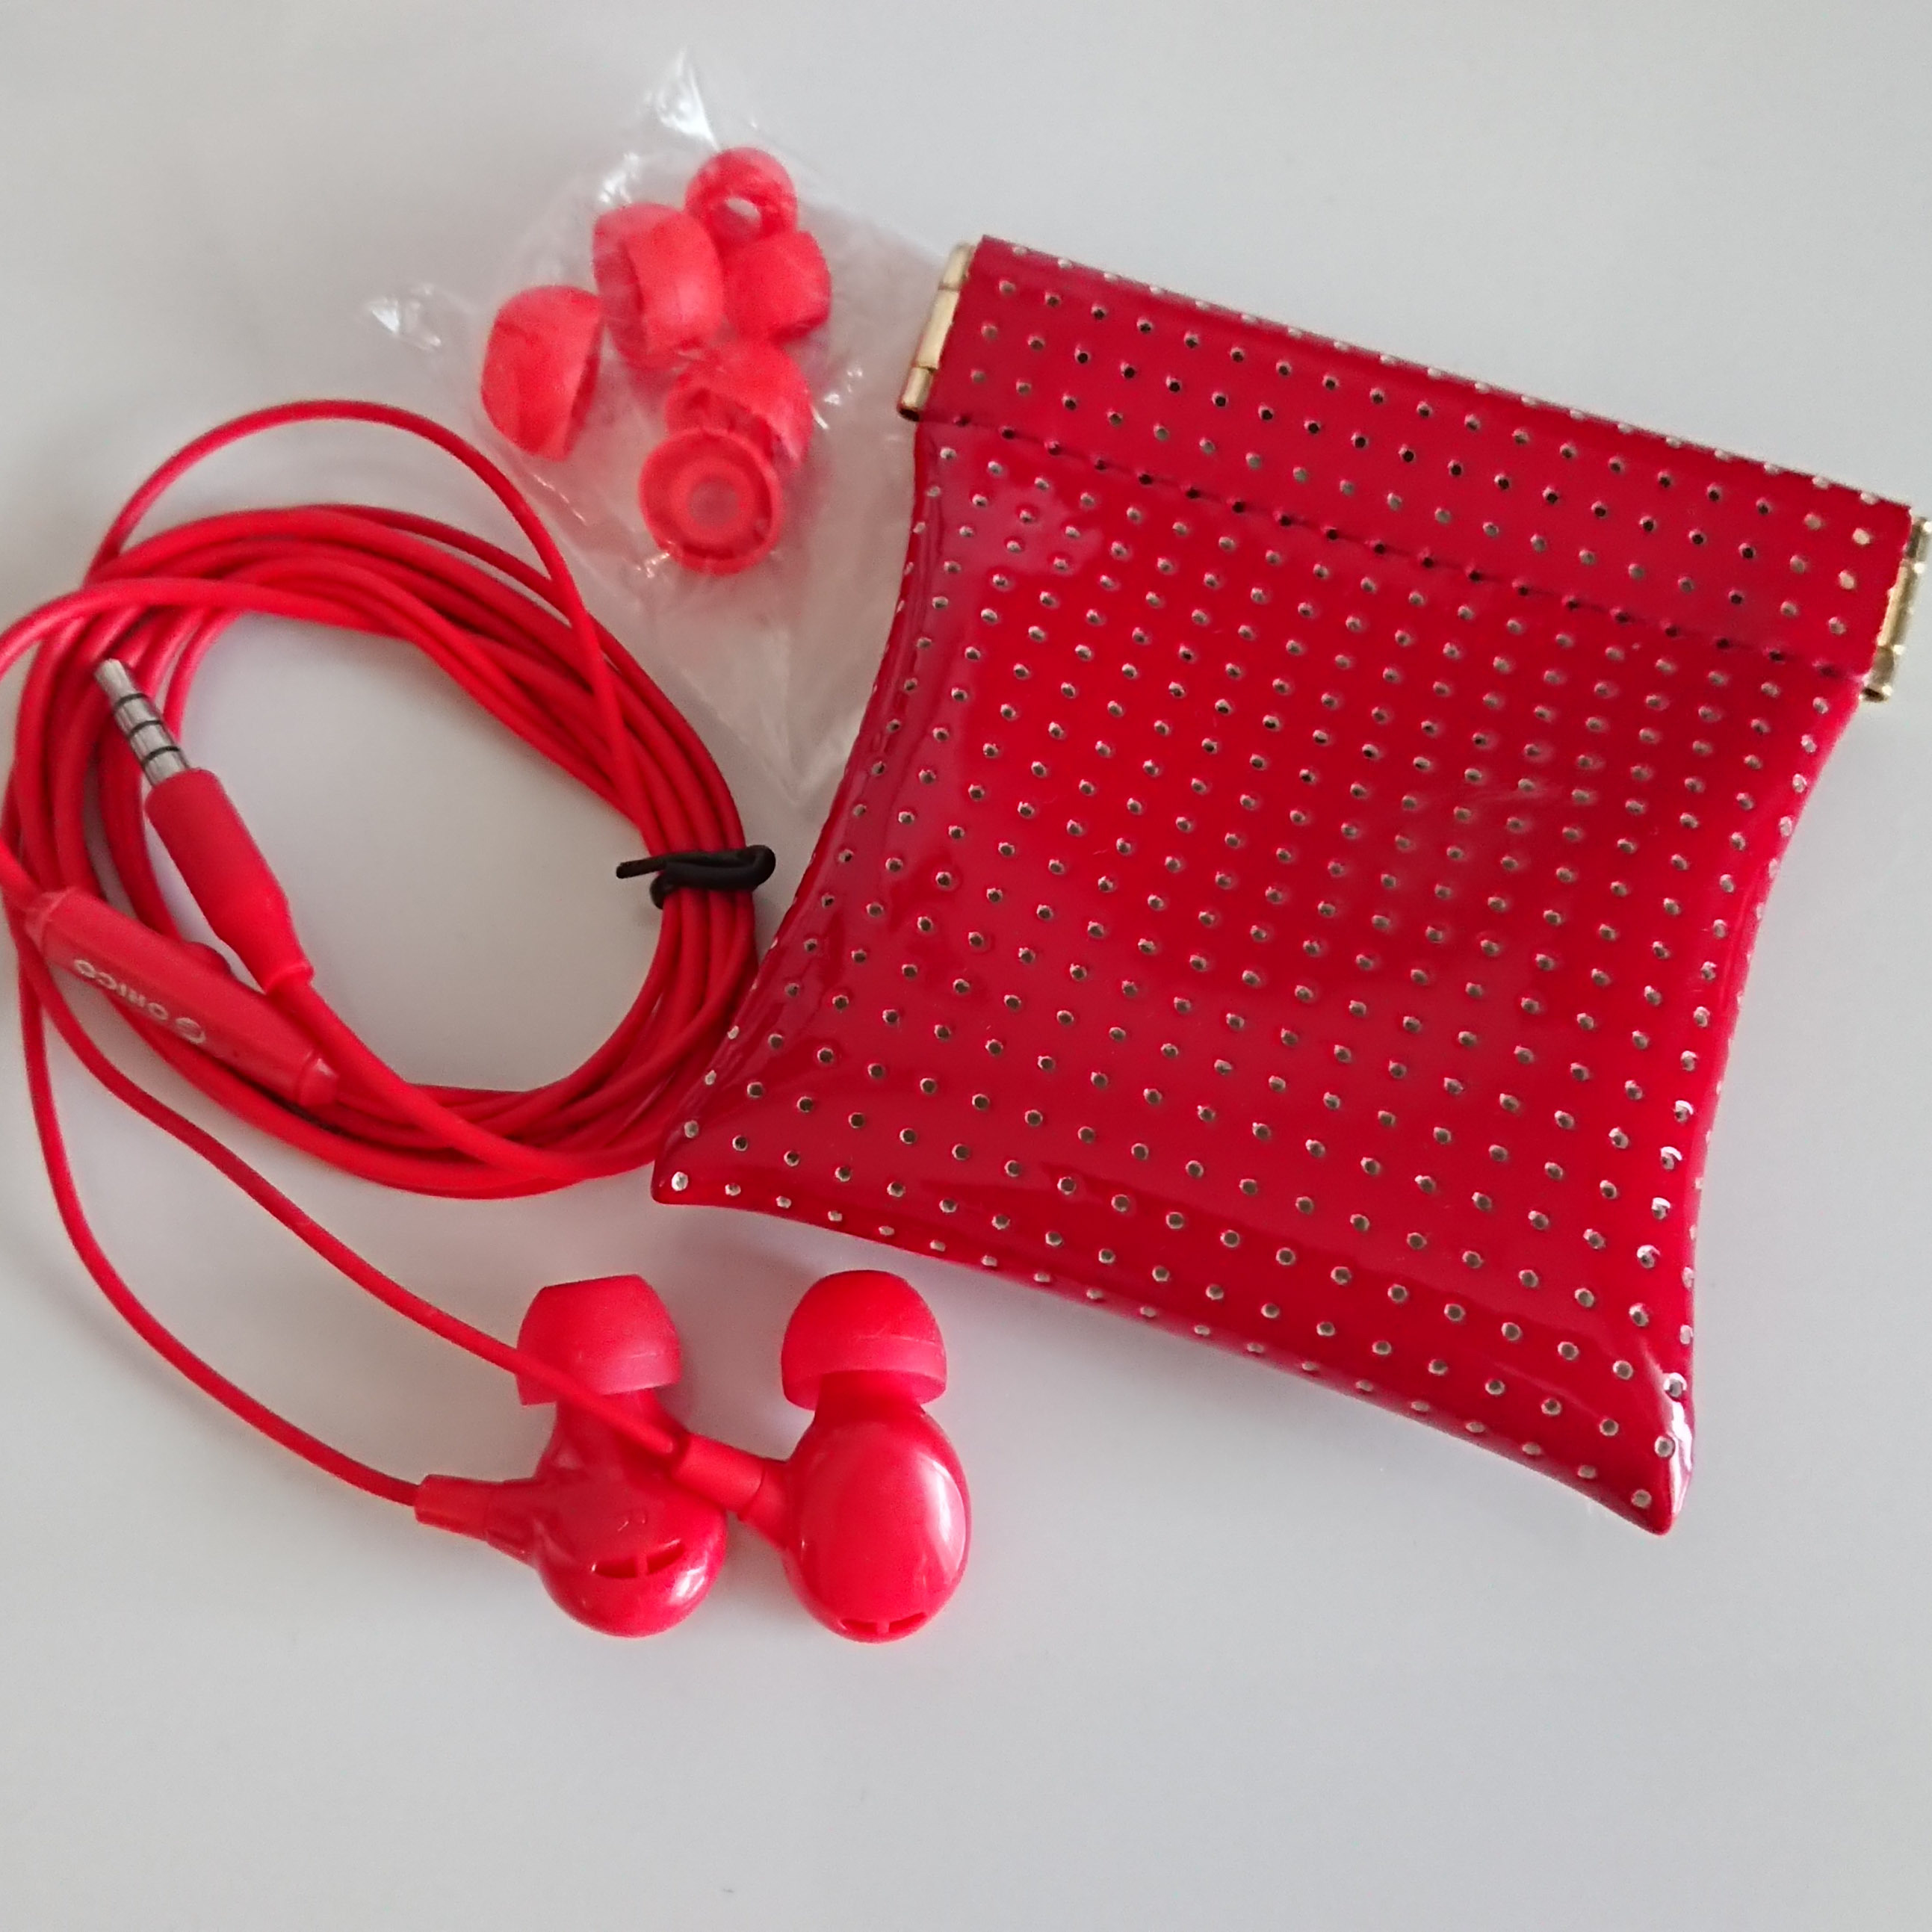 赤のイヤホン カナル型☆おしゃれなケース付き